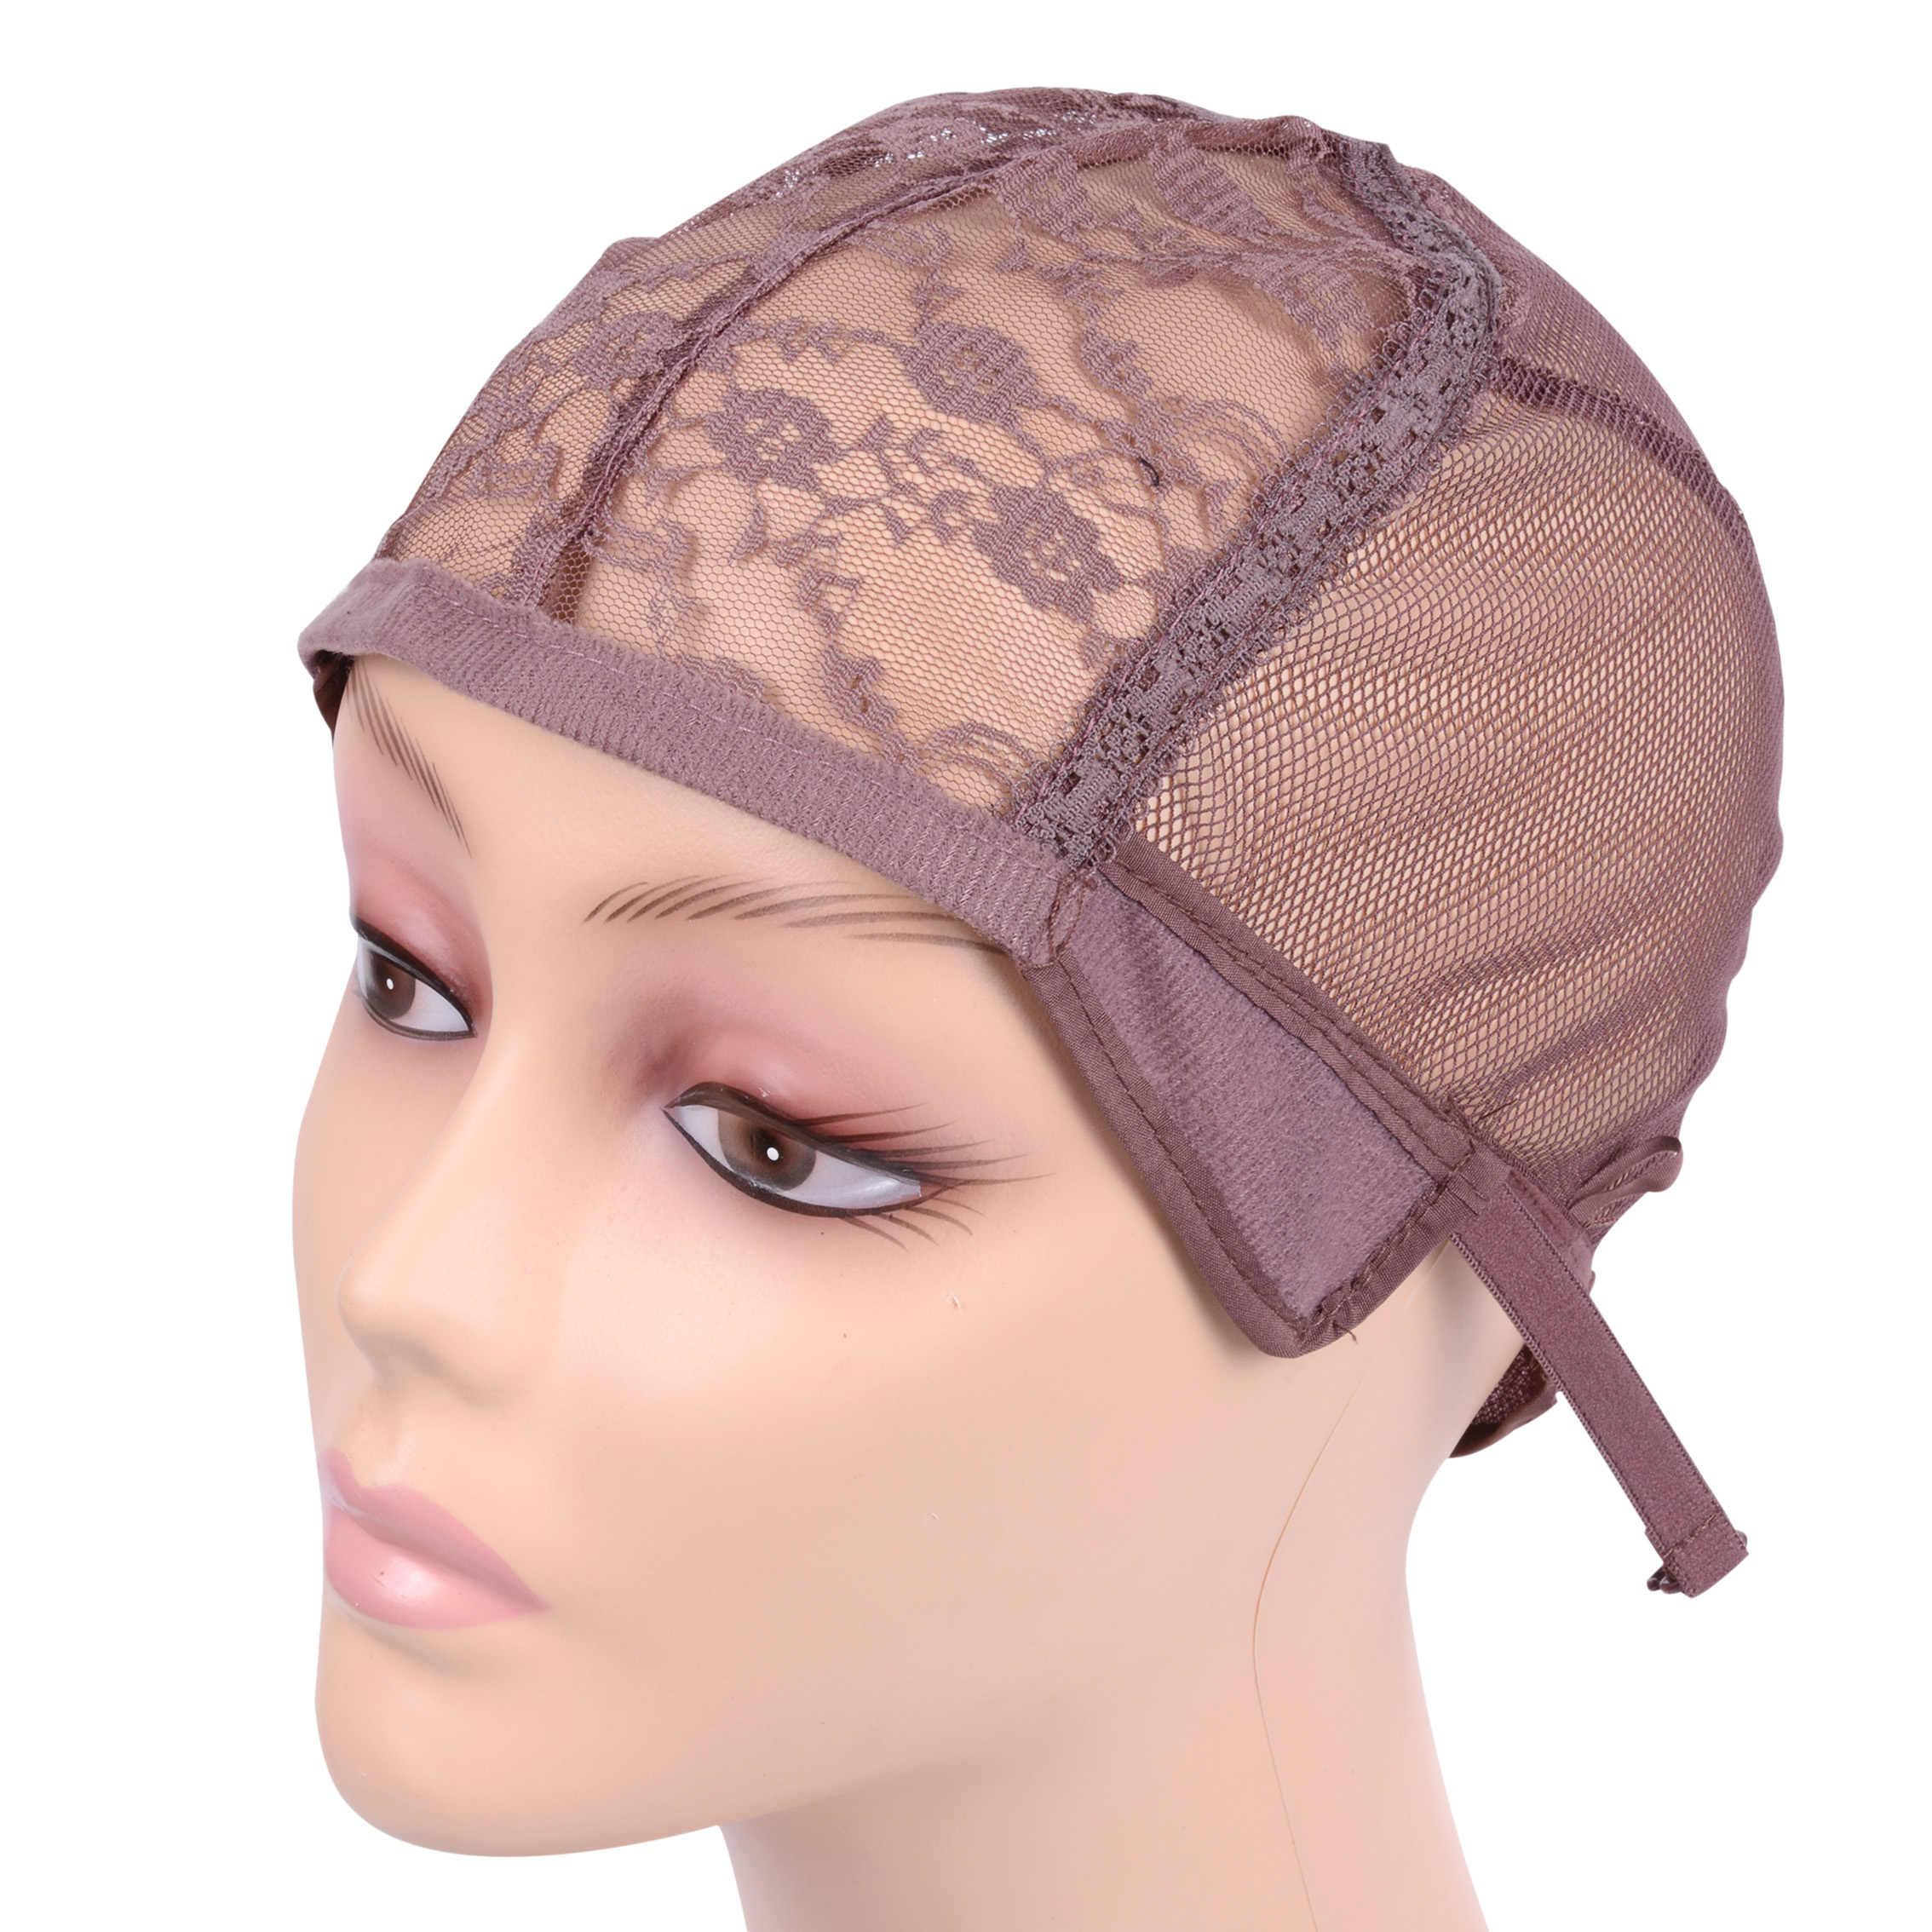 Peruk kap peruk yapımı İçin ayarlanabilir kayış ile geri dokuma kap boyutu tutkalsız peruk kapaklar kaliteli Saç net Siyah